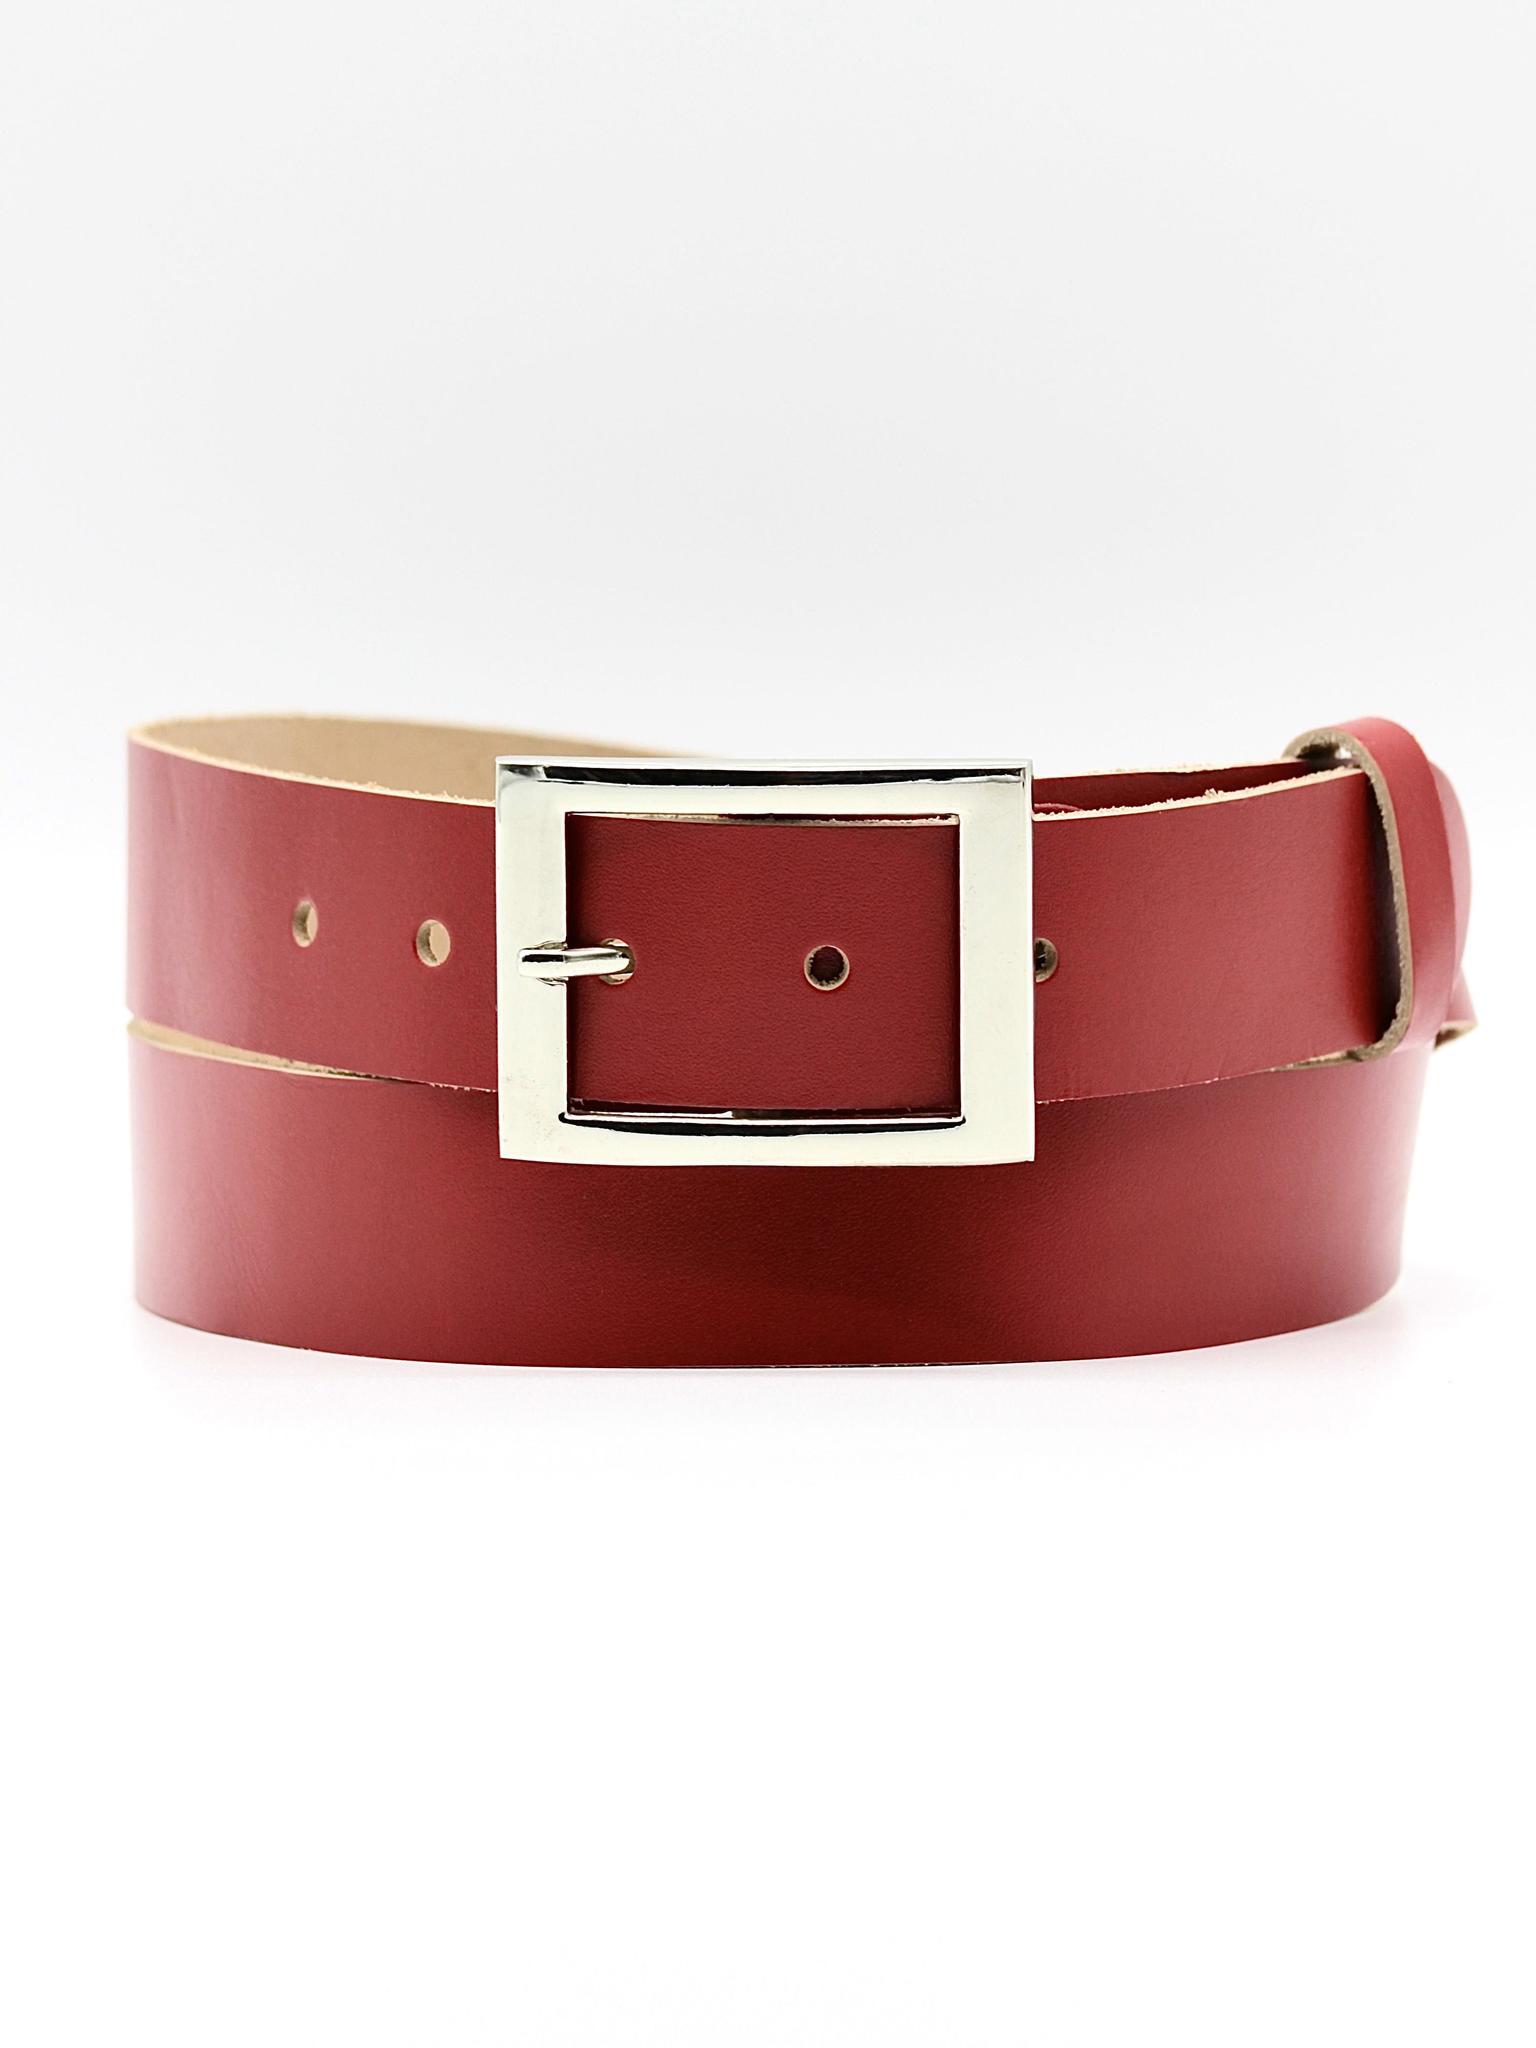 Женский кожаный красный ремень 35 мм Coscet WW35-1-2